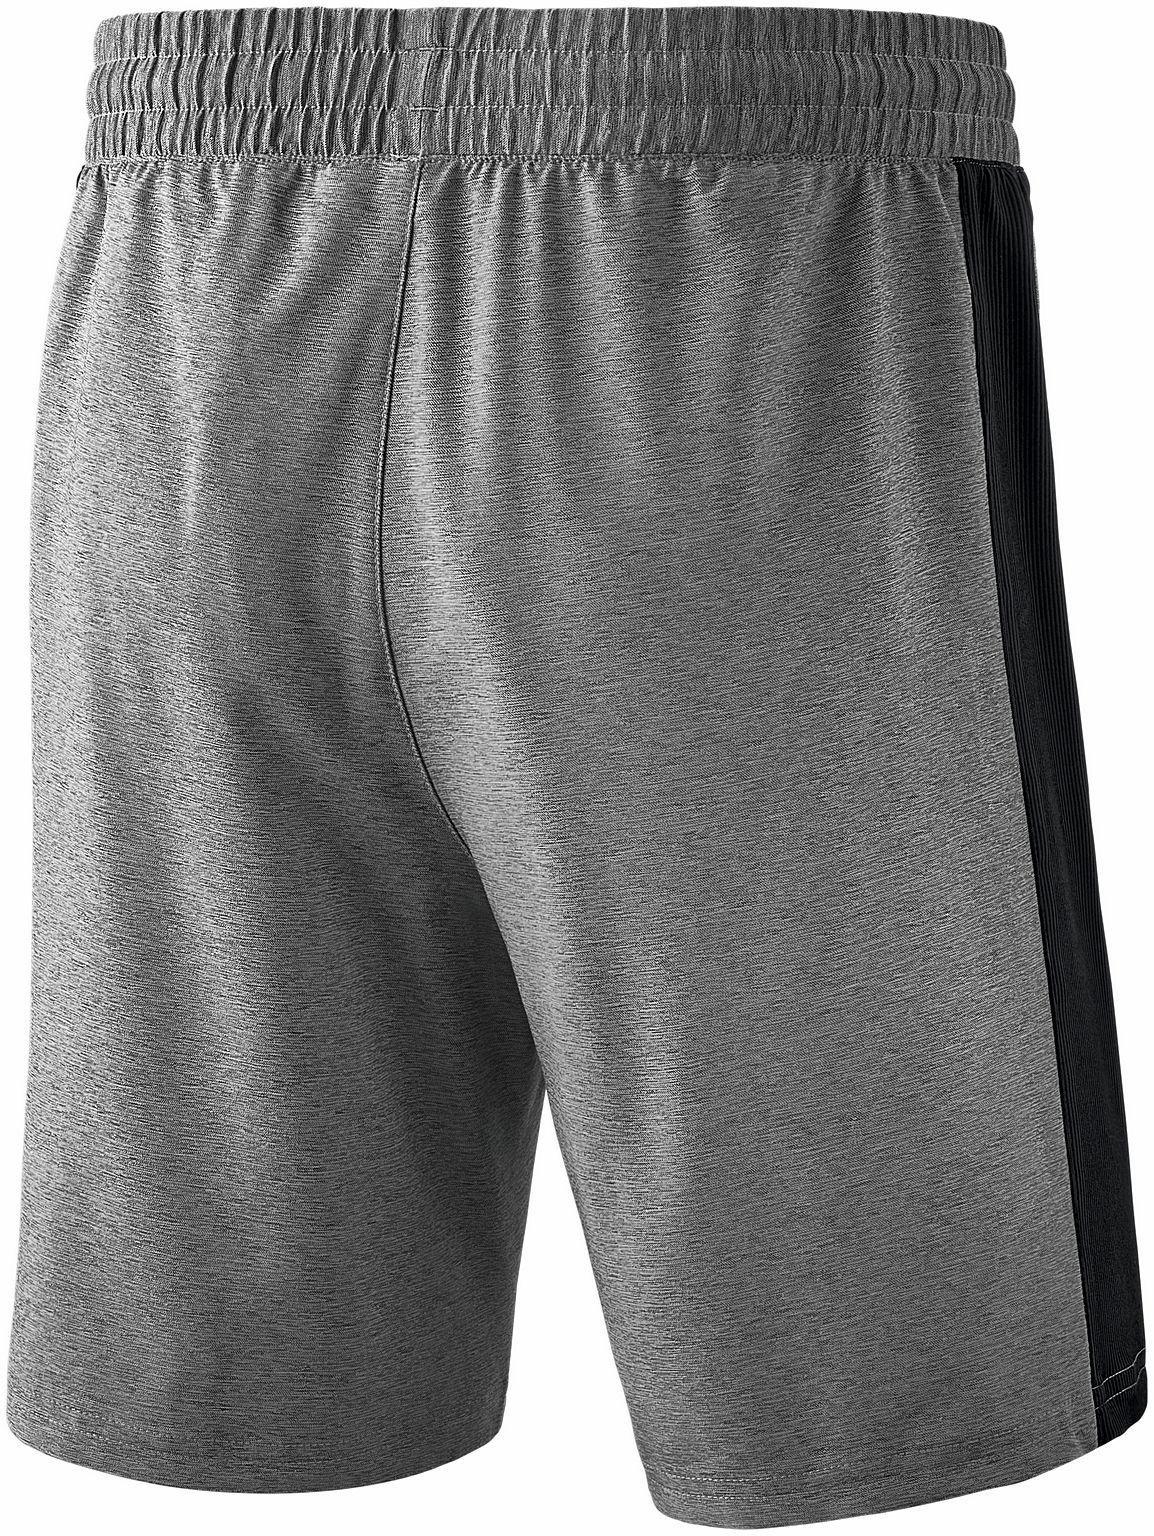 Premium One 2.0 Shorts Herren Kinder